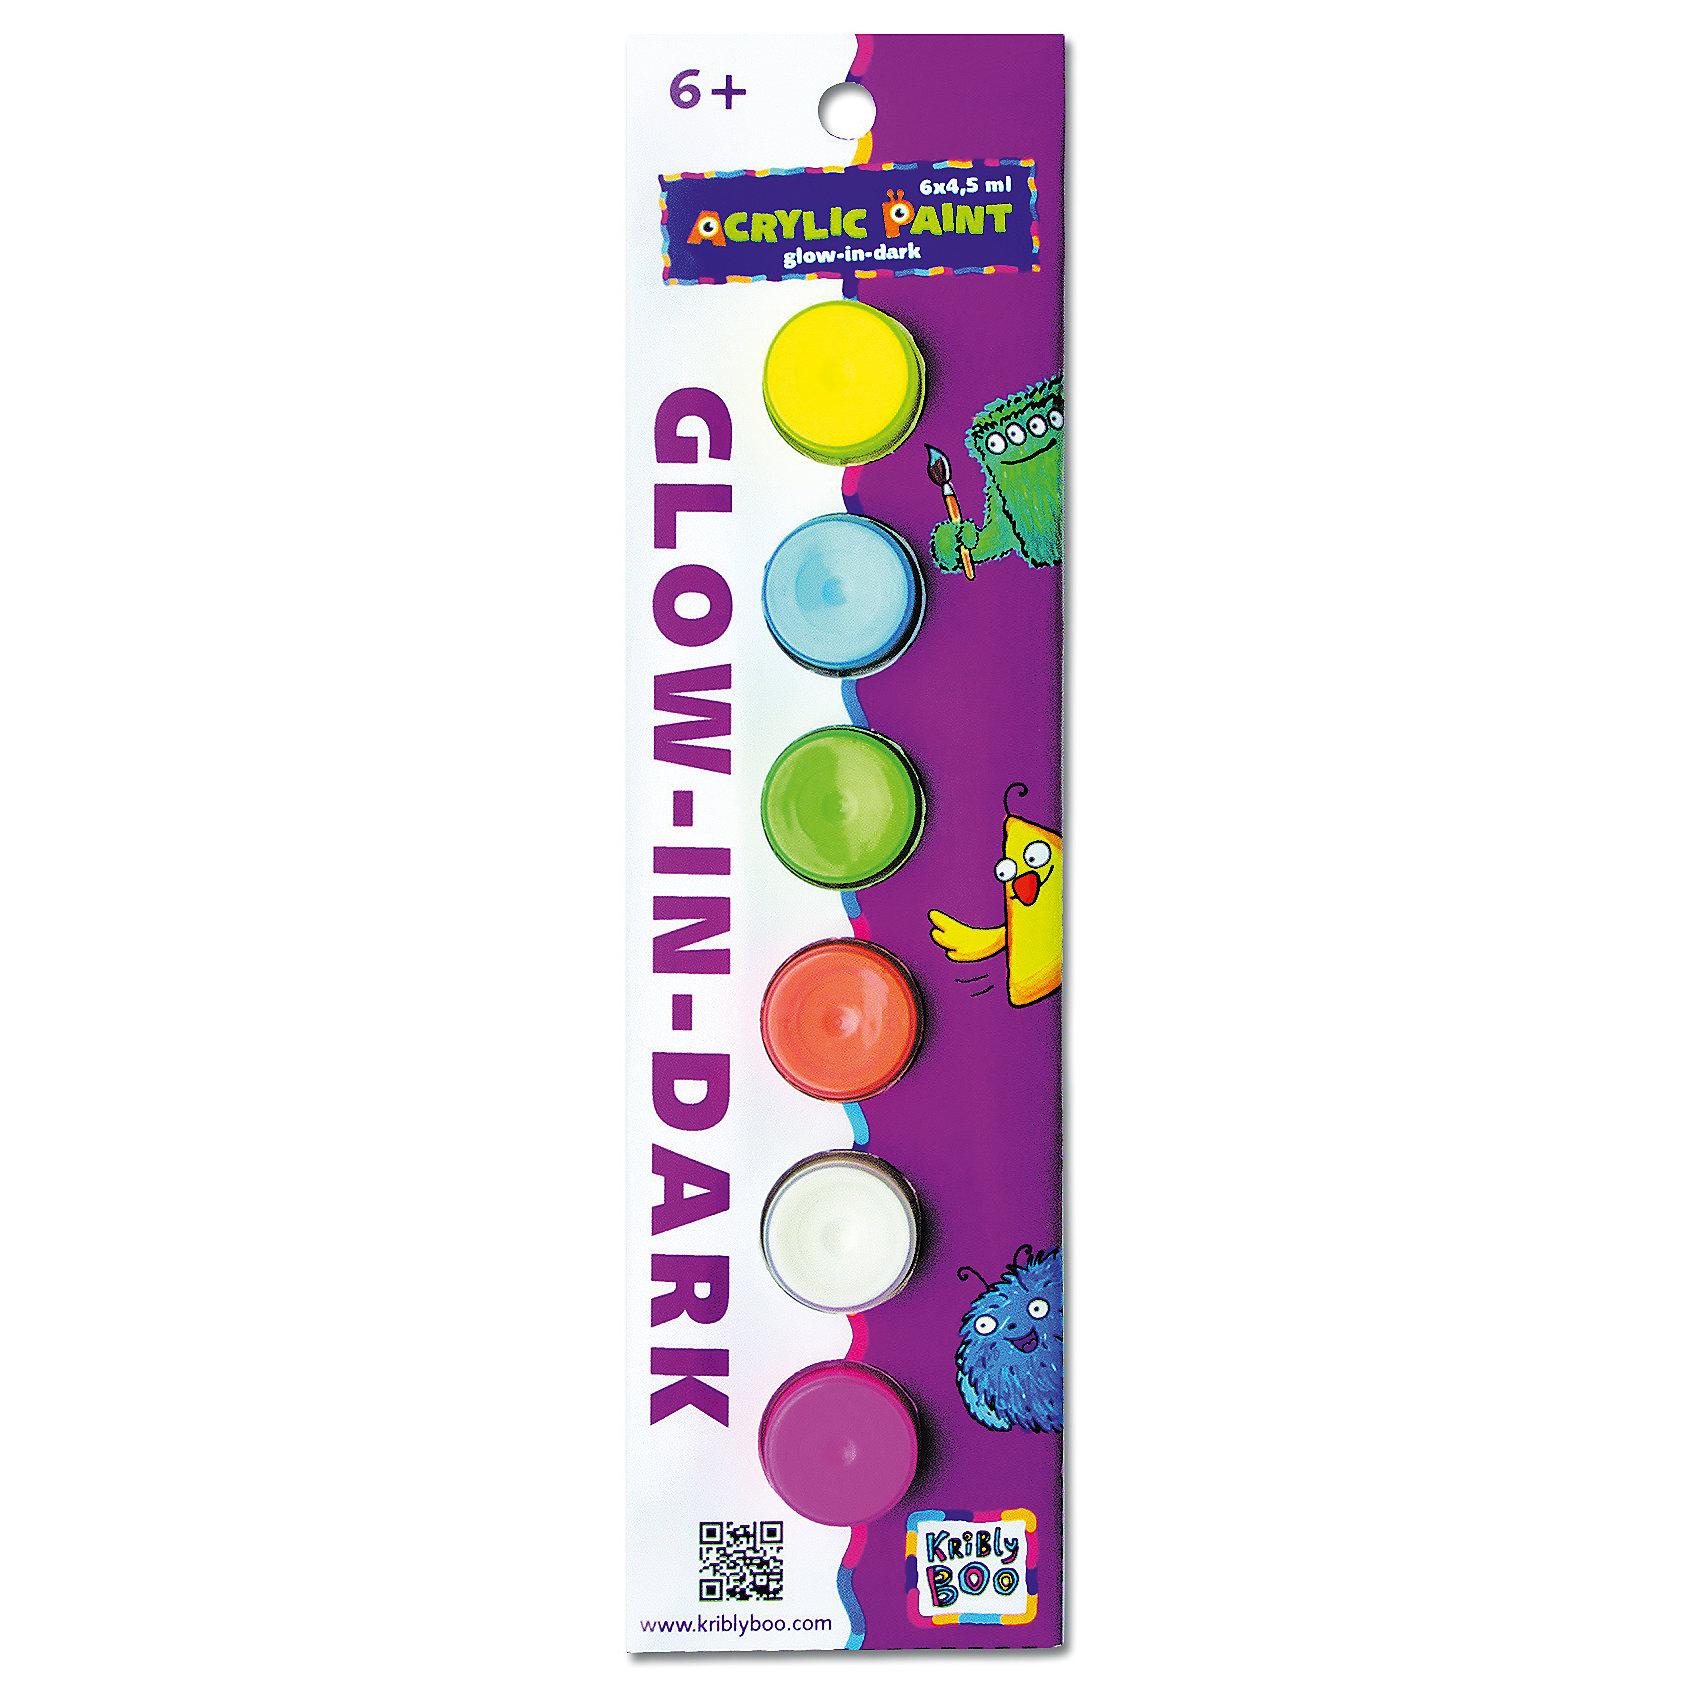 Набор акриловых красок Свечение в темноте с кисточкой, 6 цветовХарактеристики товара:<br><br>• цвет: разноцветный<br>• размер упаковки: 23x7x2 см<br>• вес: 70 г<br>• комплектация: 6 цветов, кисть<br>• объем 1 цвета: 4,5 мл<br>• светятся в темноте<br>• возраст: от трех лет<br>• упаковка: картонная коробка<br>• страна бренда: Финляндия<br>• страна изготовитель: Китай<br><br>Творчество - это увлекательно и полезно! Такой набор станет отличным подарком ребенку - ведь с помощью акриловых красок рисовать удобно и весело! В набор входят шесть базовых цветов и кисть. Рисовать ими можно как на бумаге, так и на других поверхностях. Акриловые краски подходят для раскрашивания скульптур. Эти краски еще и светятся в темноте!<br>Детям очень нравится что-то делать своими руками! Кроме того, творчество помогает детям развивать важные навыки и способности, оно активизирует мышление, формирует усидчивость, творческие способности, мелкую моторику и воображение. Изделие производится из качественных и проверенных материалов, которые безопасны для детей.<br><br>Набор акриловых красок Свечение в темноте с кисточкой 6х 4,5 мл от бренда KriBly Boo можно купить в нашем интернет-магазине.<br><br>Ширина мм: 240<br>Глубина мм: 70<br>Высота мм: 30<br>Вес г: 66<br>Возраст от месяцев: 36<br>Возраст до месяцев: 2147483647<br>Пол: Унисекс<br>Возраст: Детский<br>SKU: 4563995